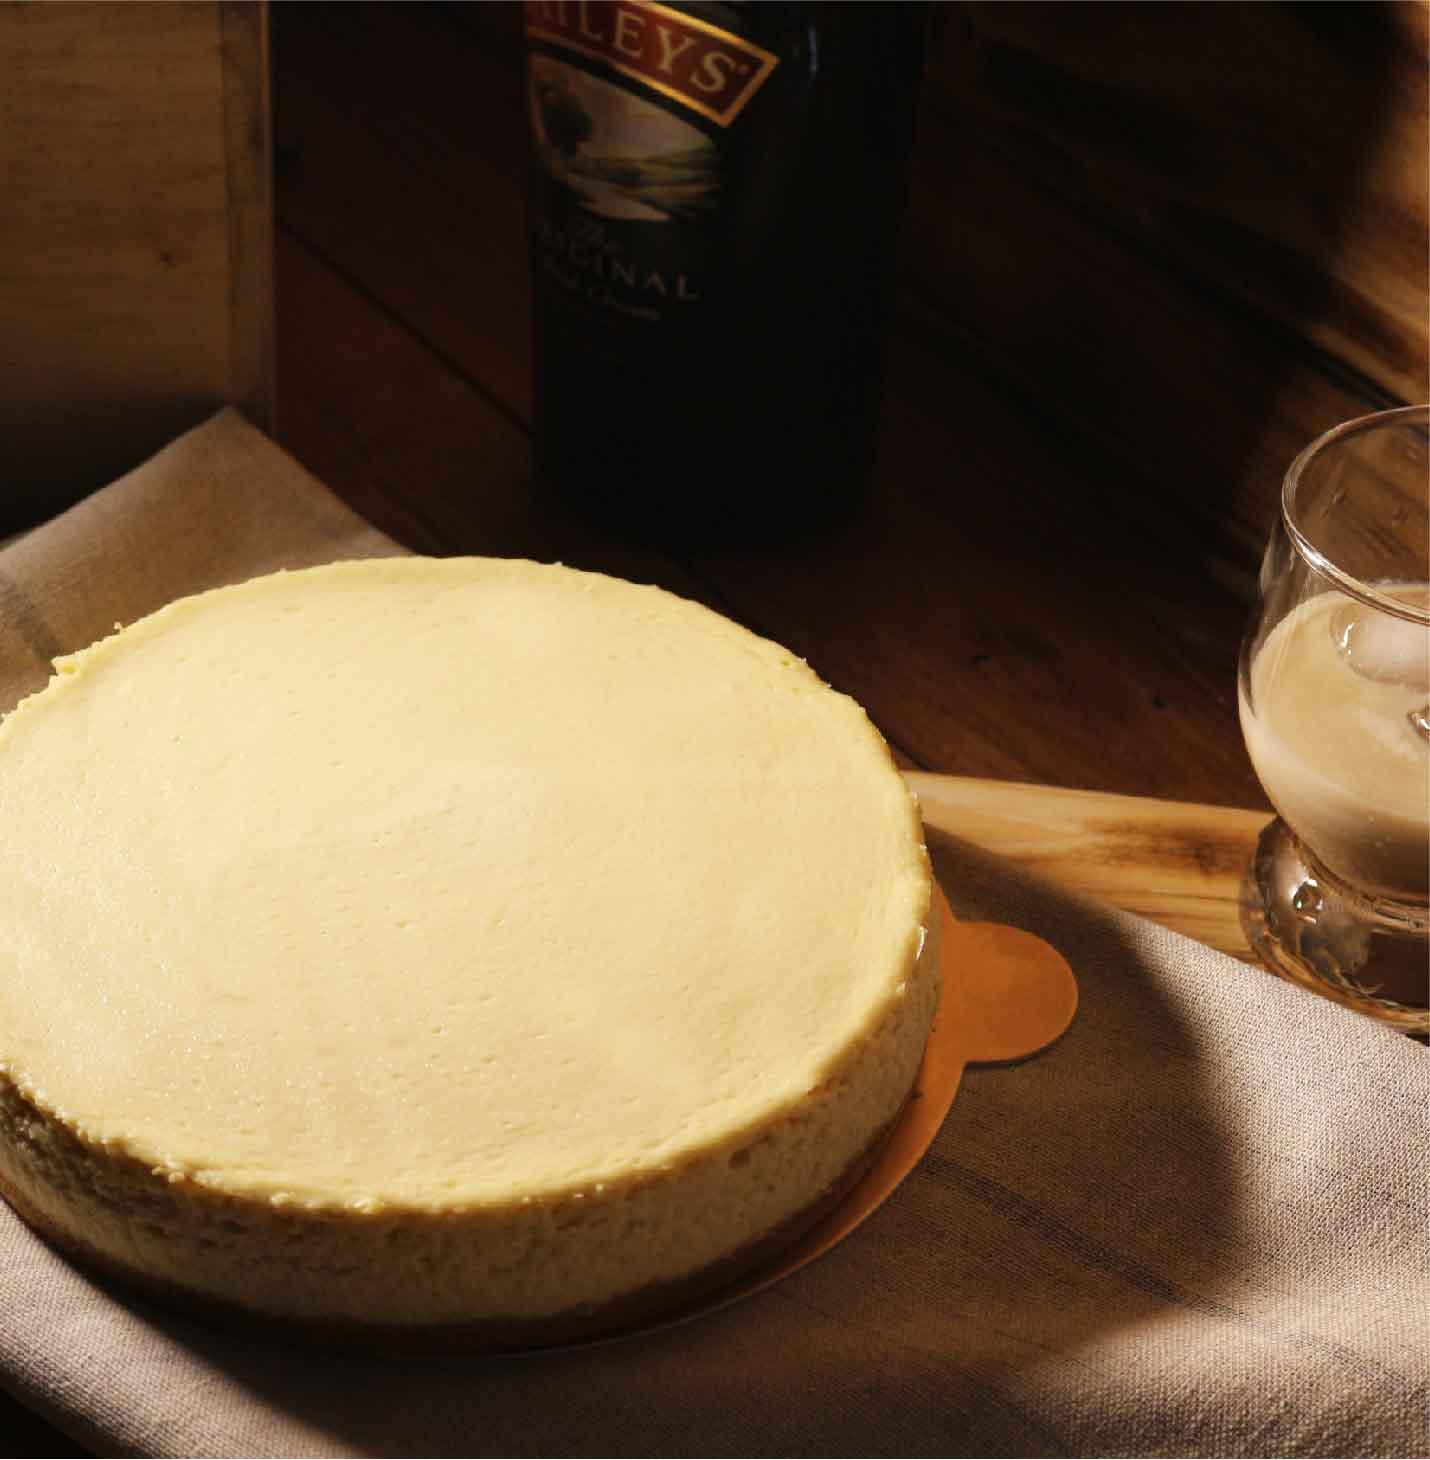 真騎士.貝里斯奶酒重乳酪蛋糕 『含運費』 海克力士